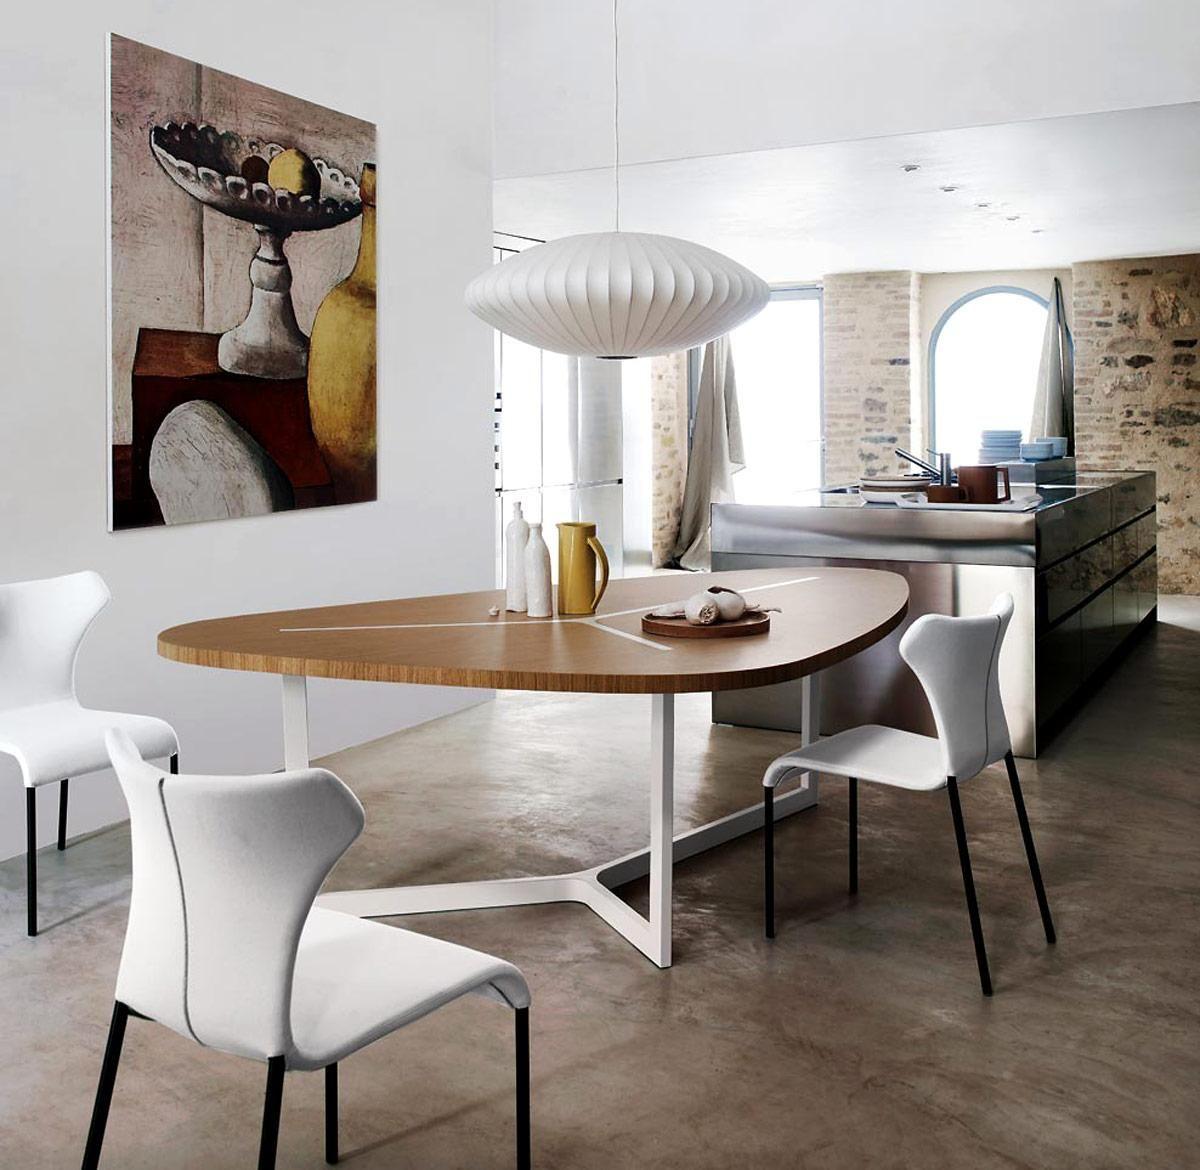 möbel: der große tisch | italia und tische, Esstisch ideennn